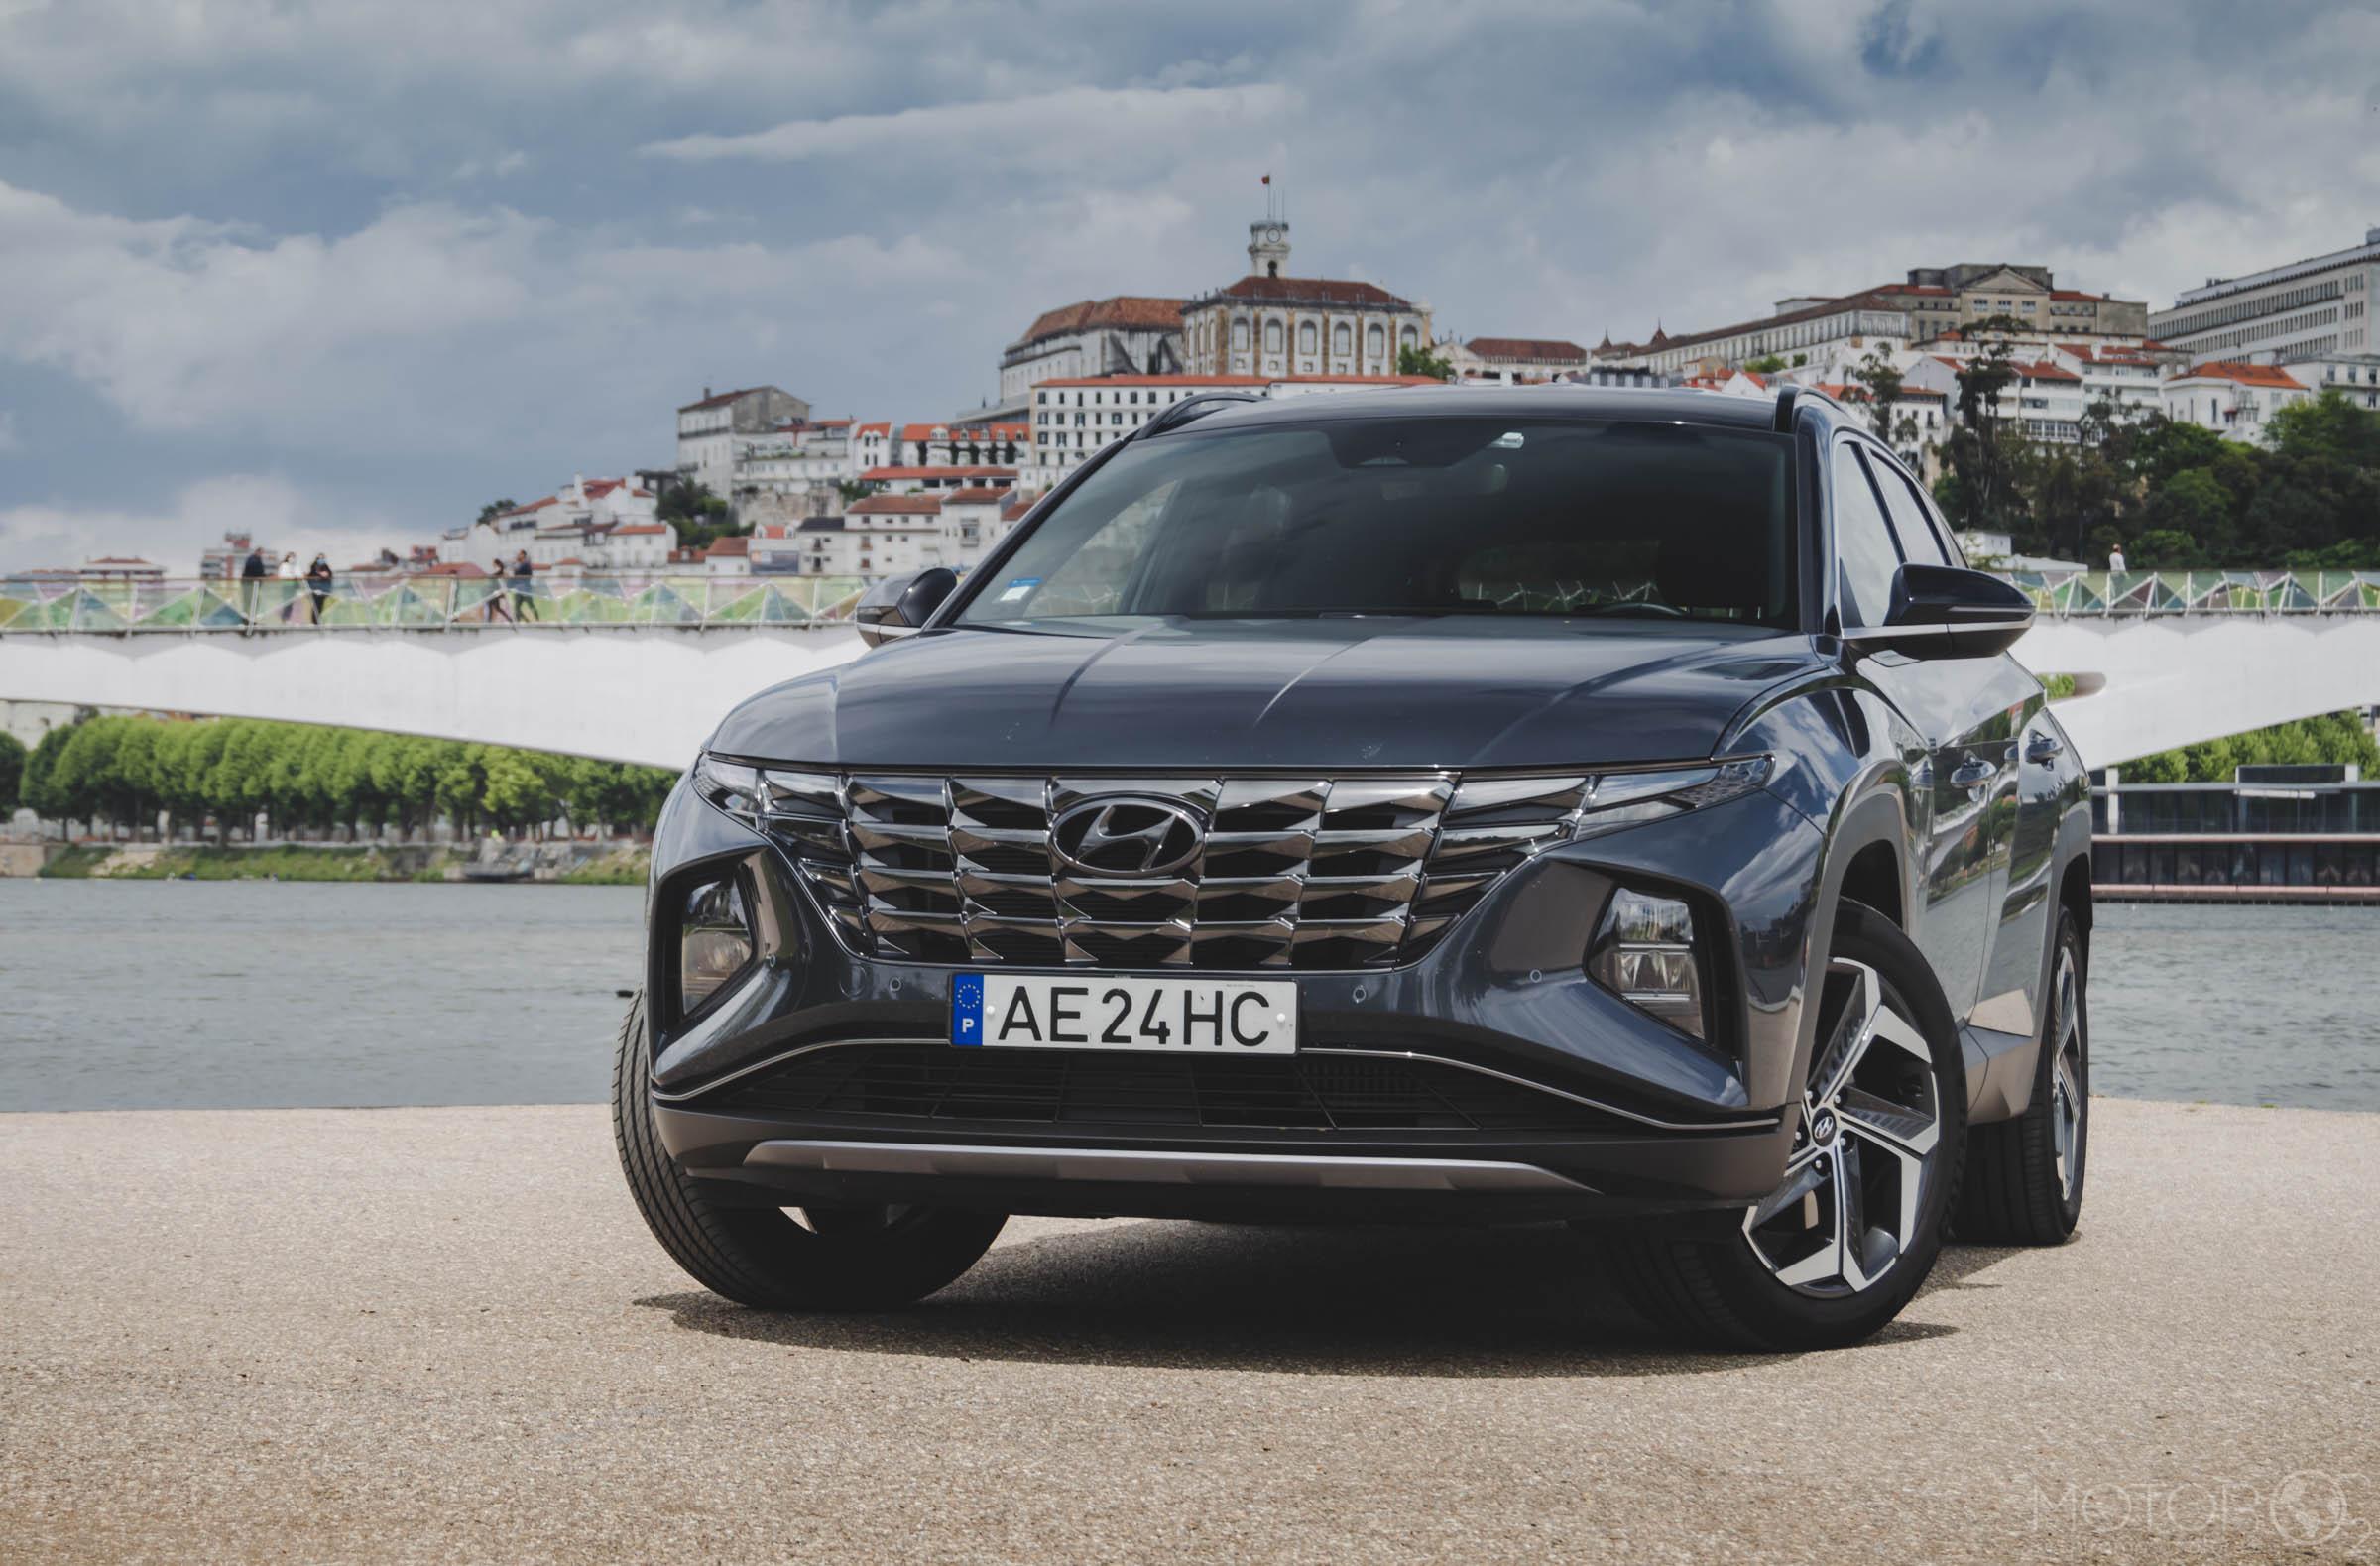 Será o Hyundai Tucson uma ameaça para a concorrência?